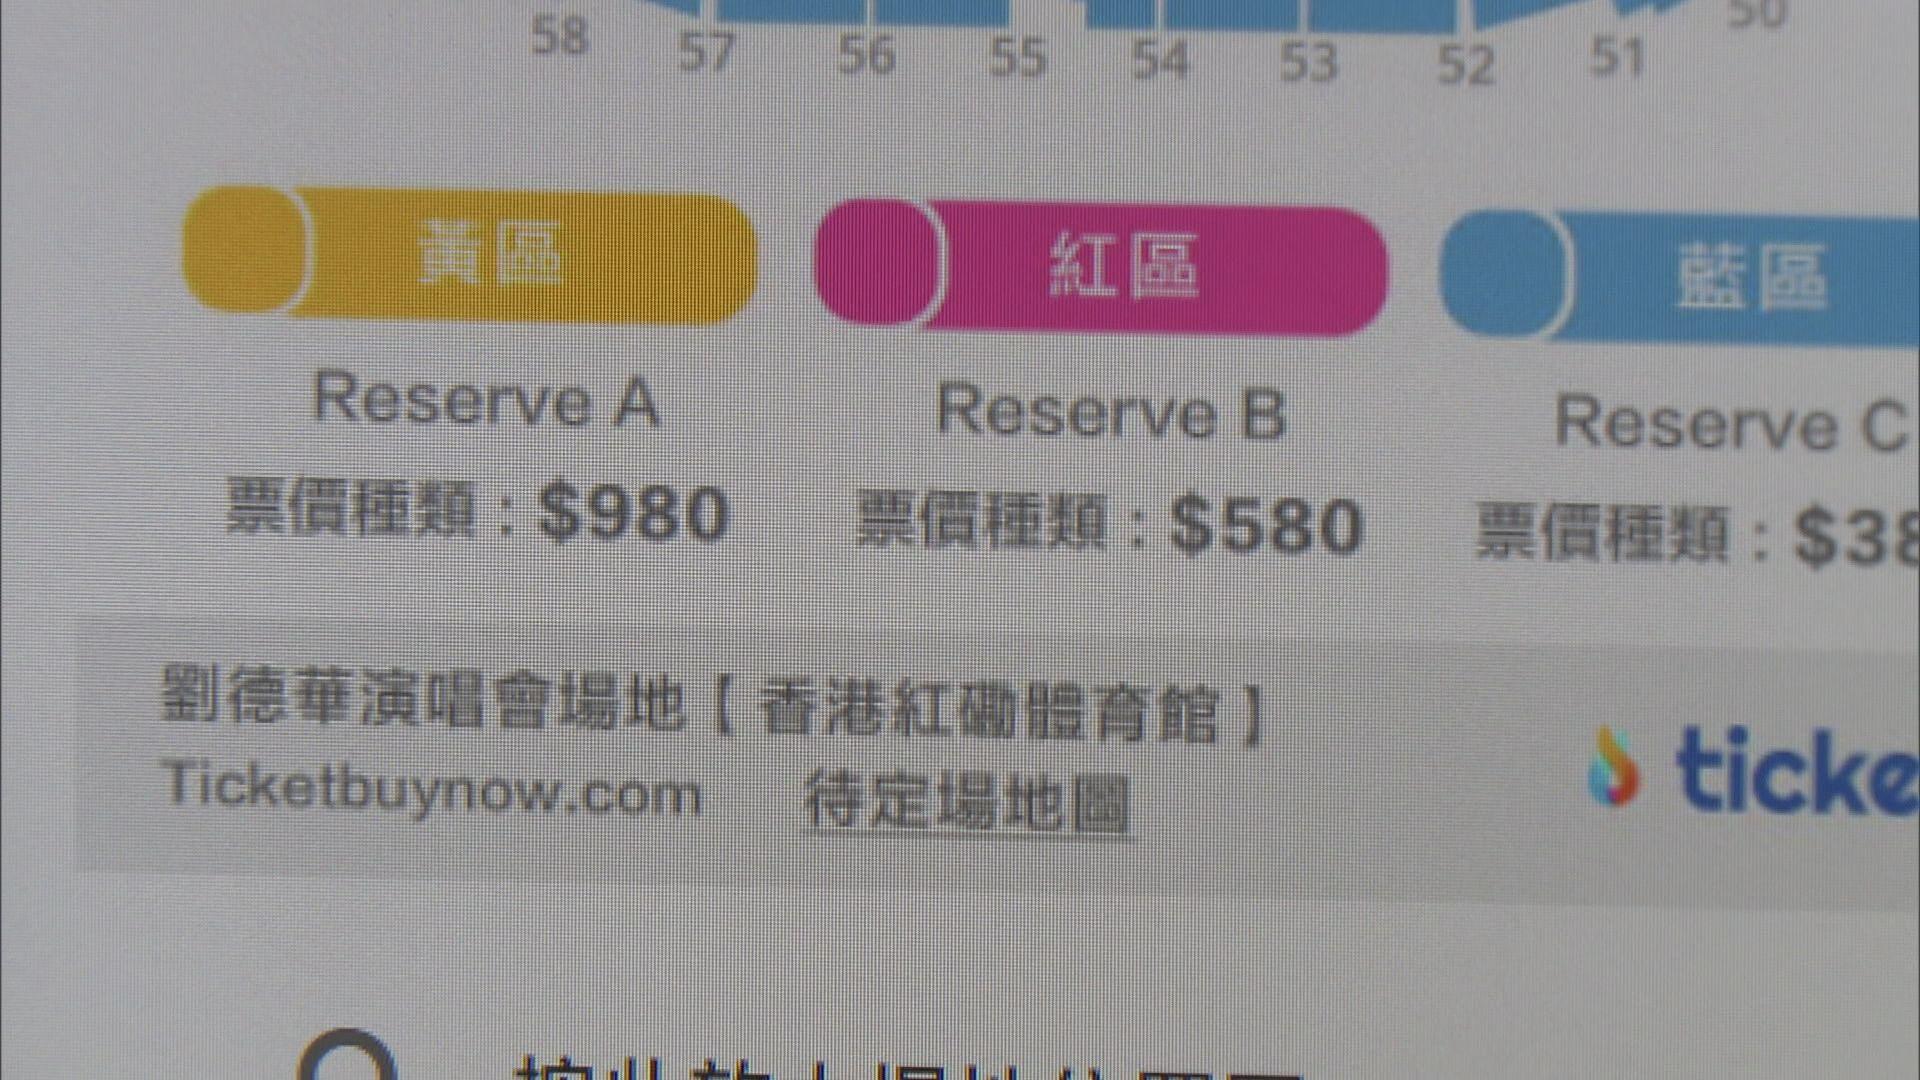 劉德華演唱會門票炒高十倍